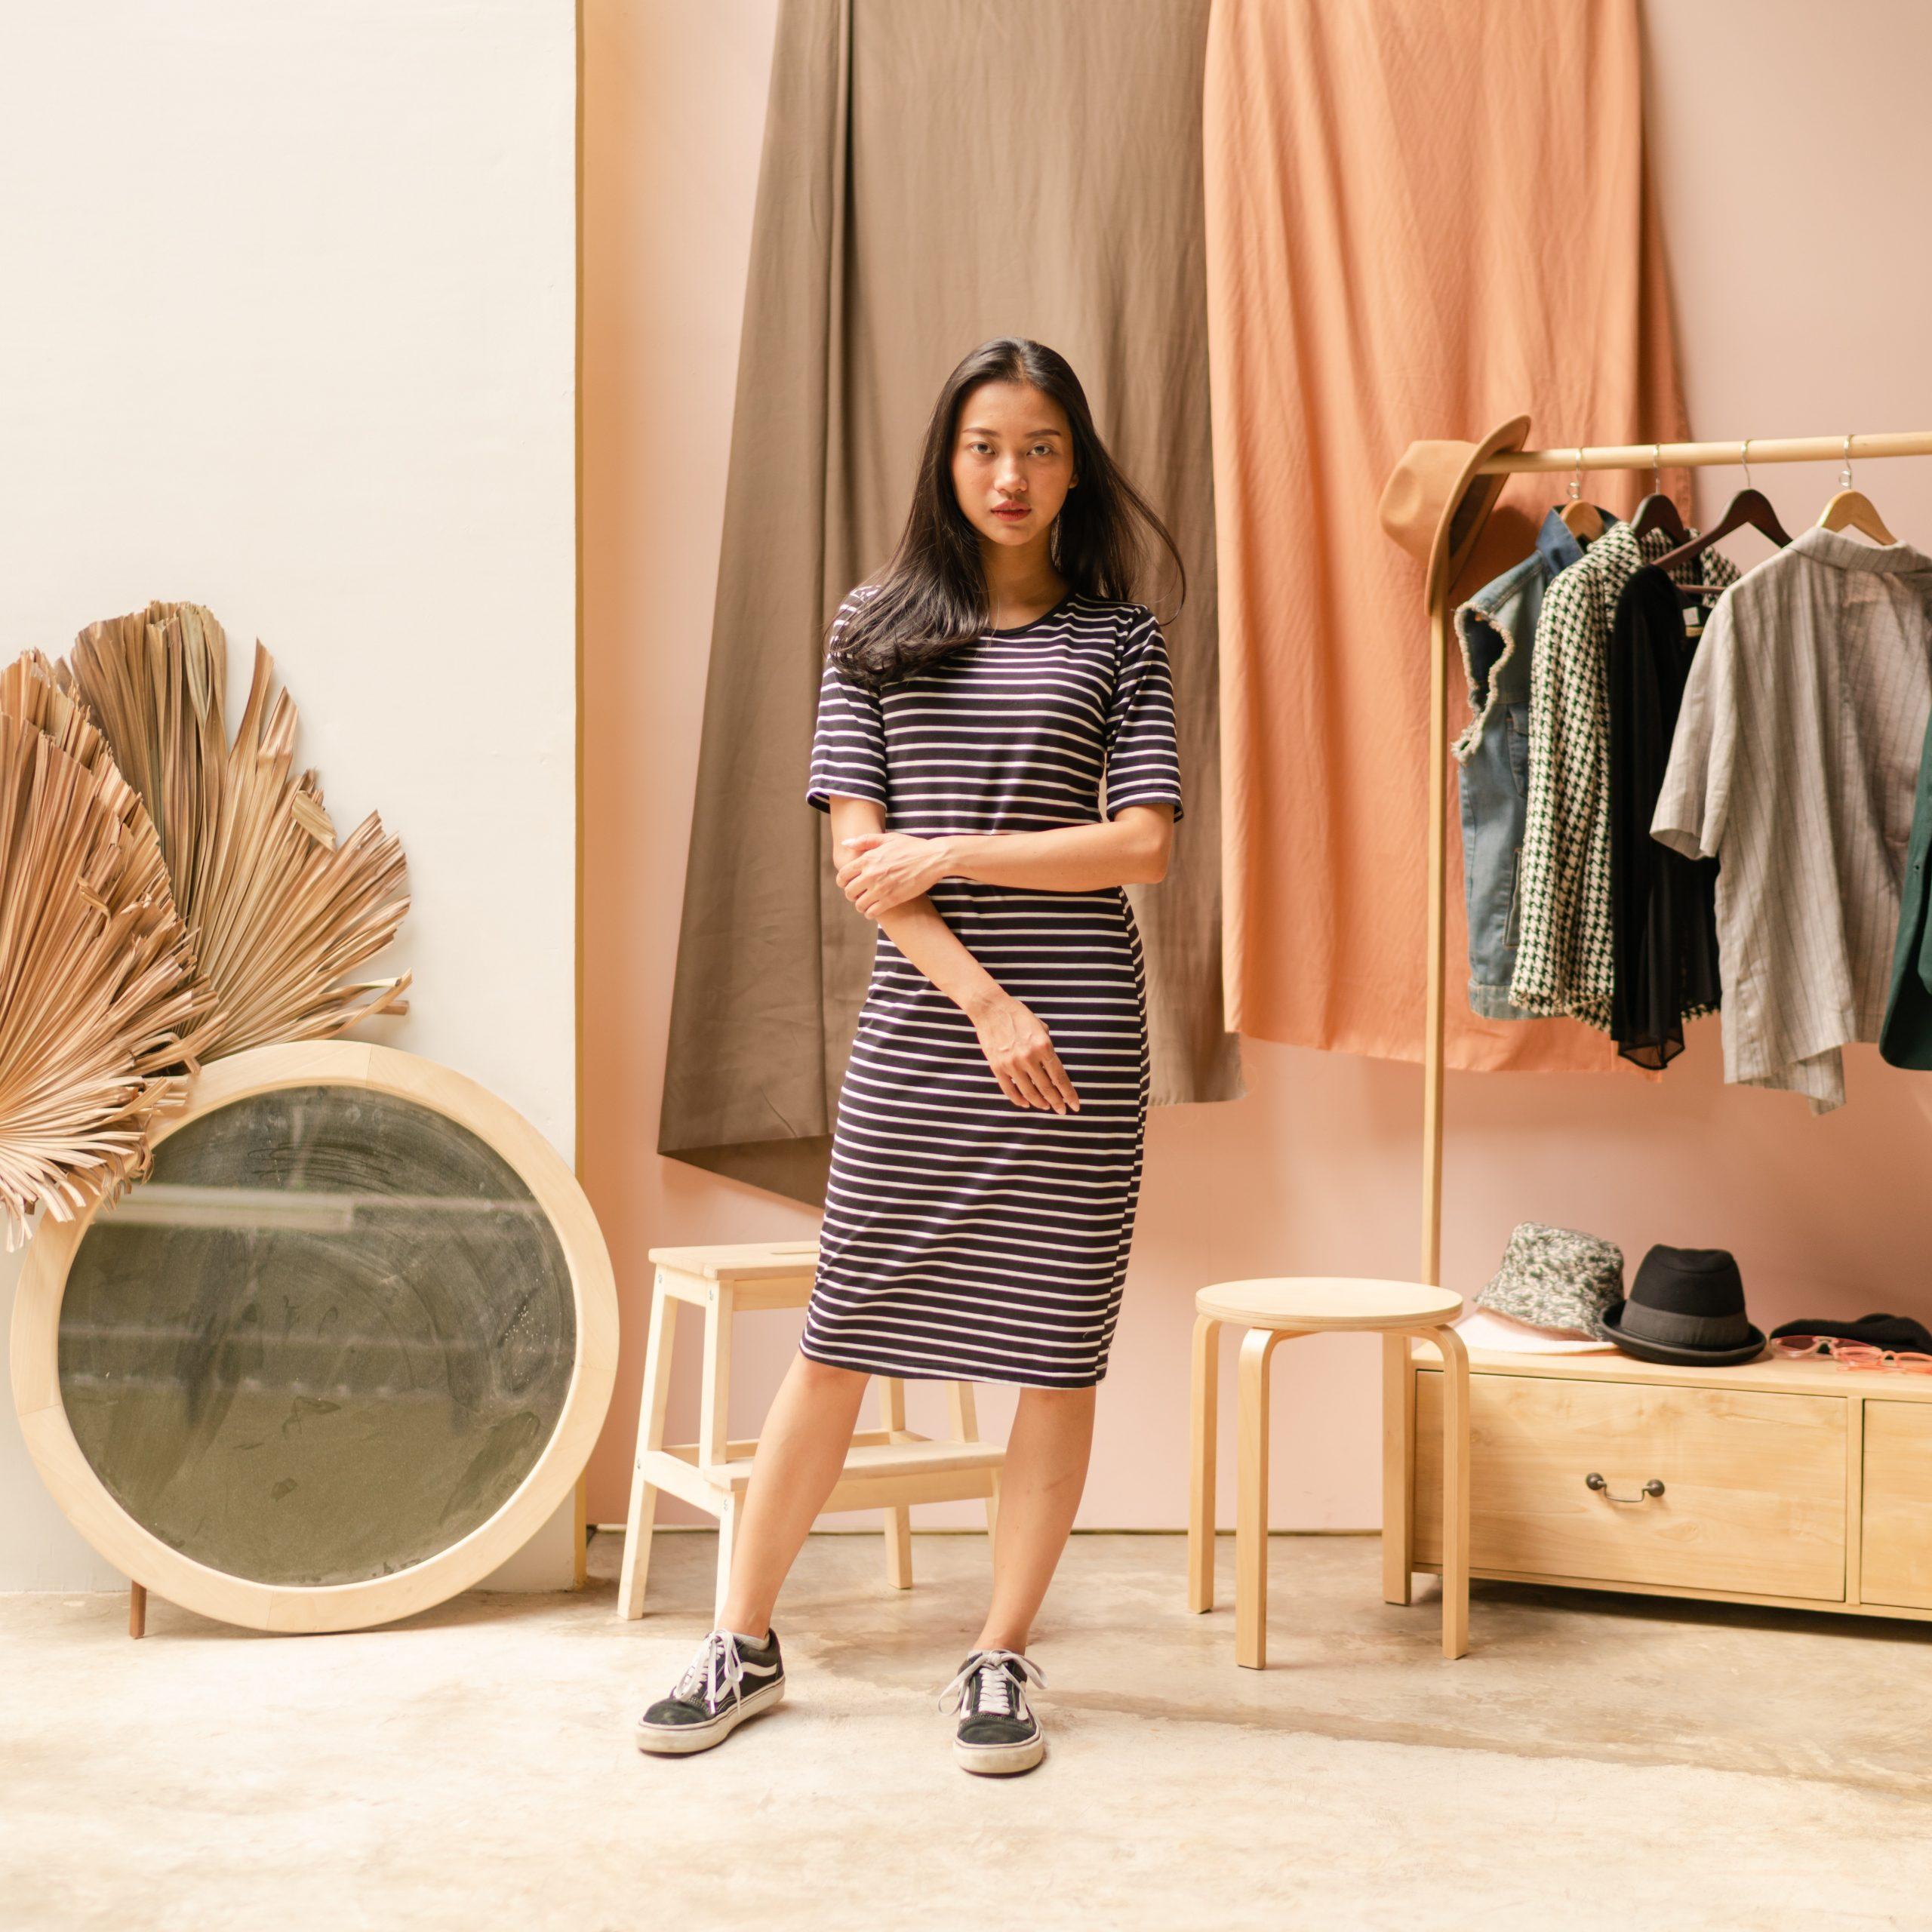 Organize and Design your dream wardrobe